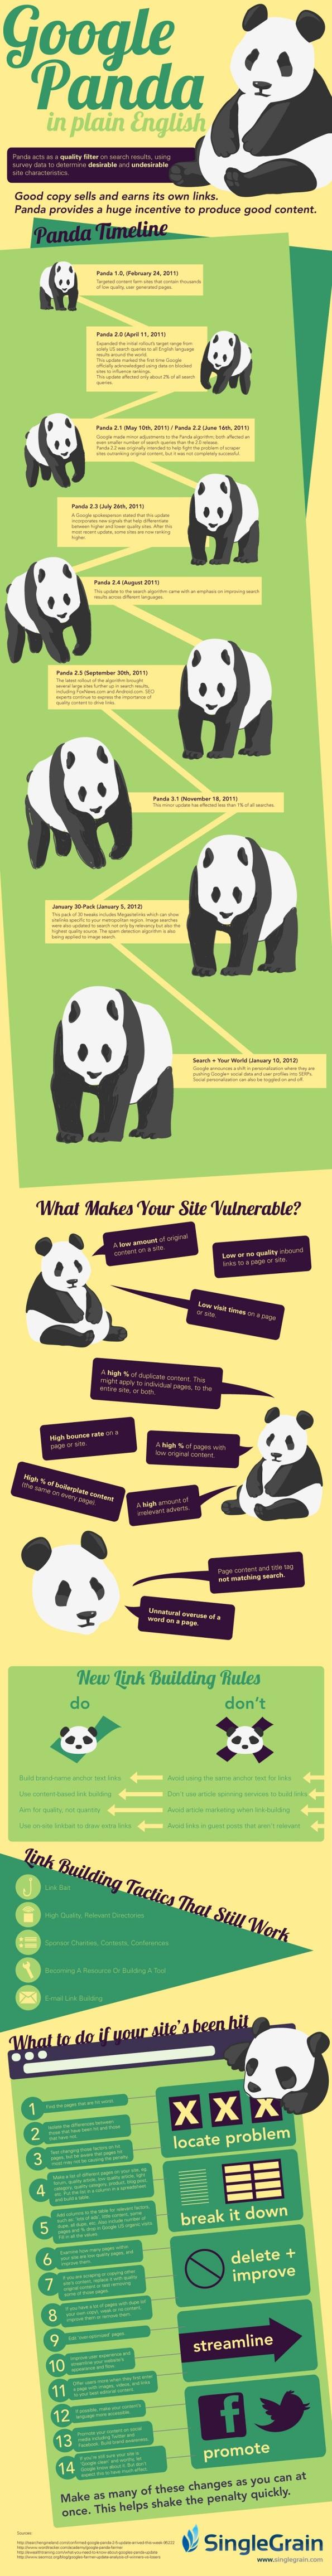 Googl Panda y el SEO